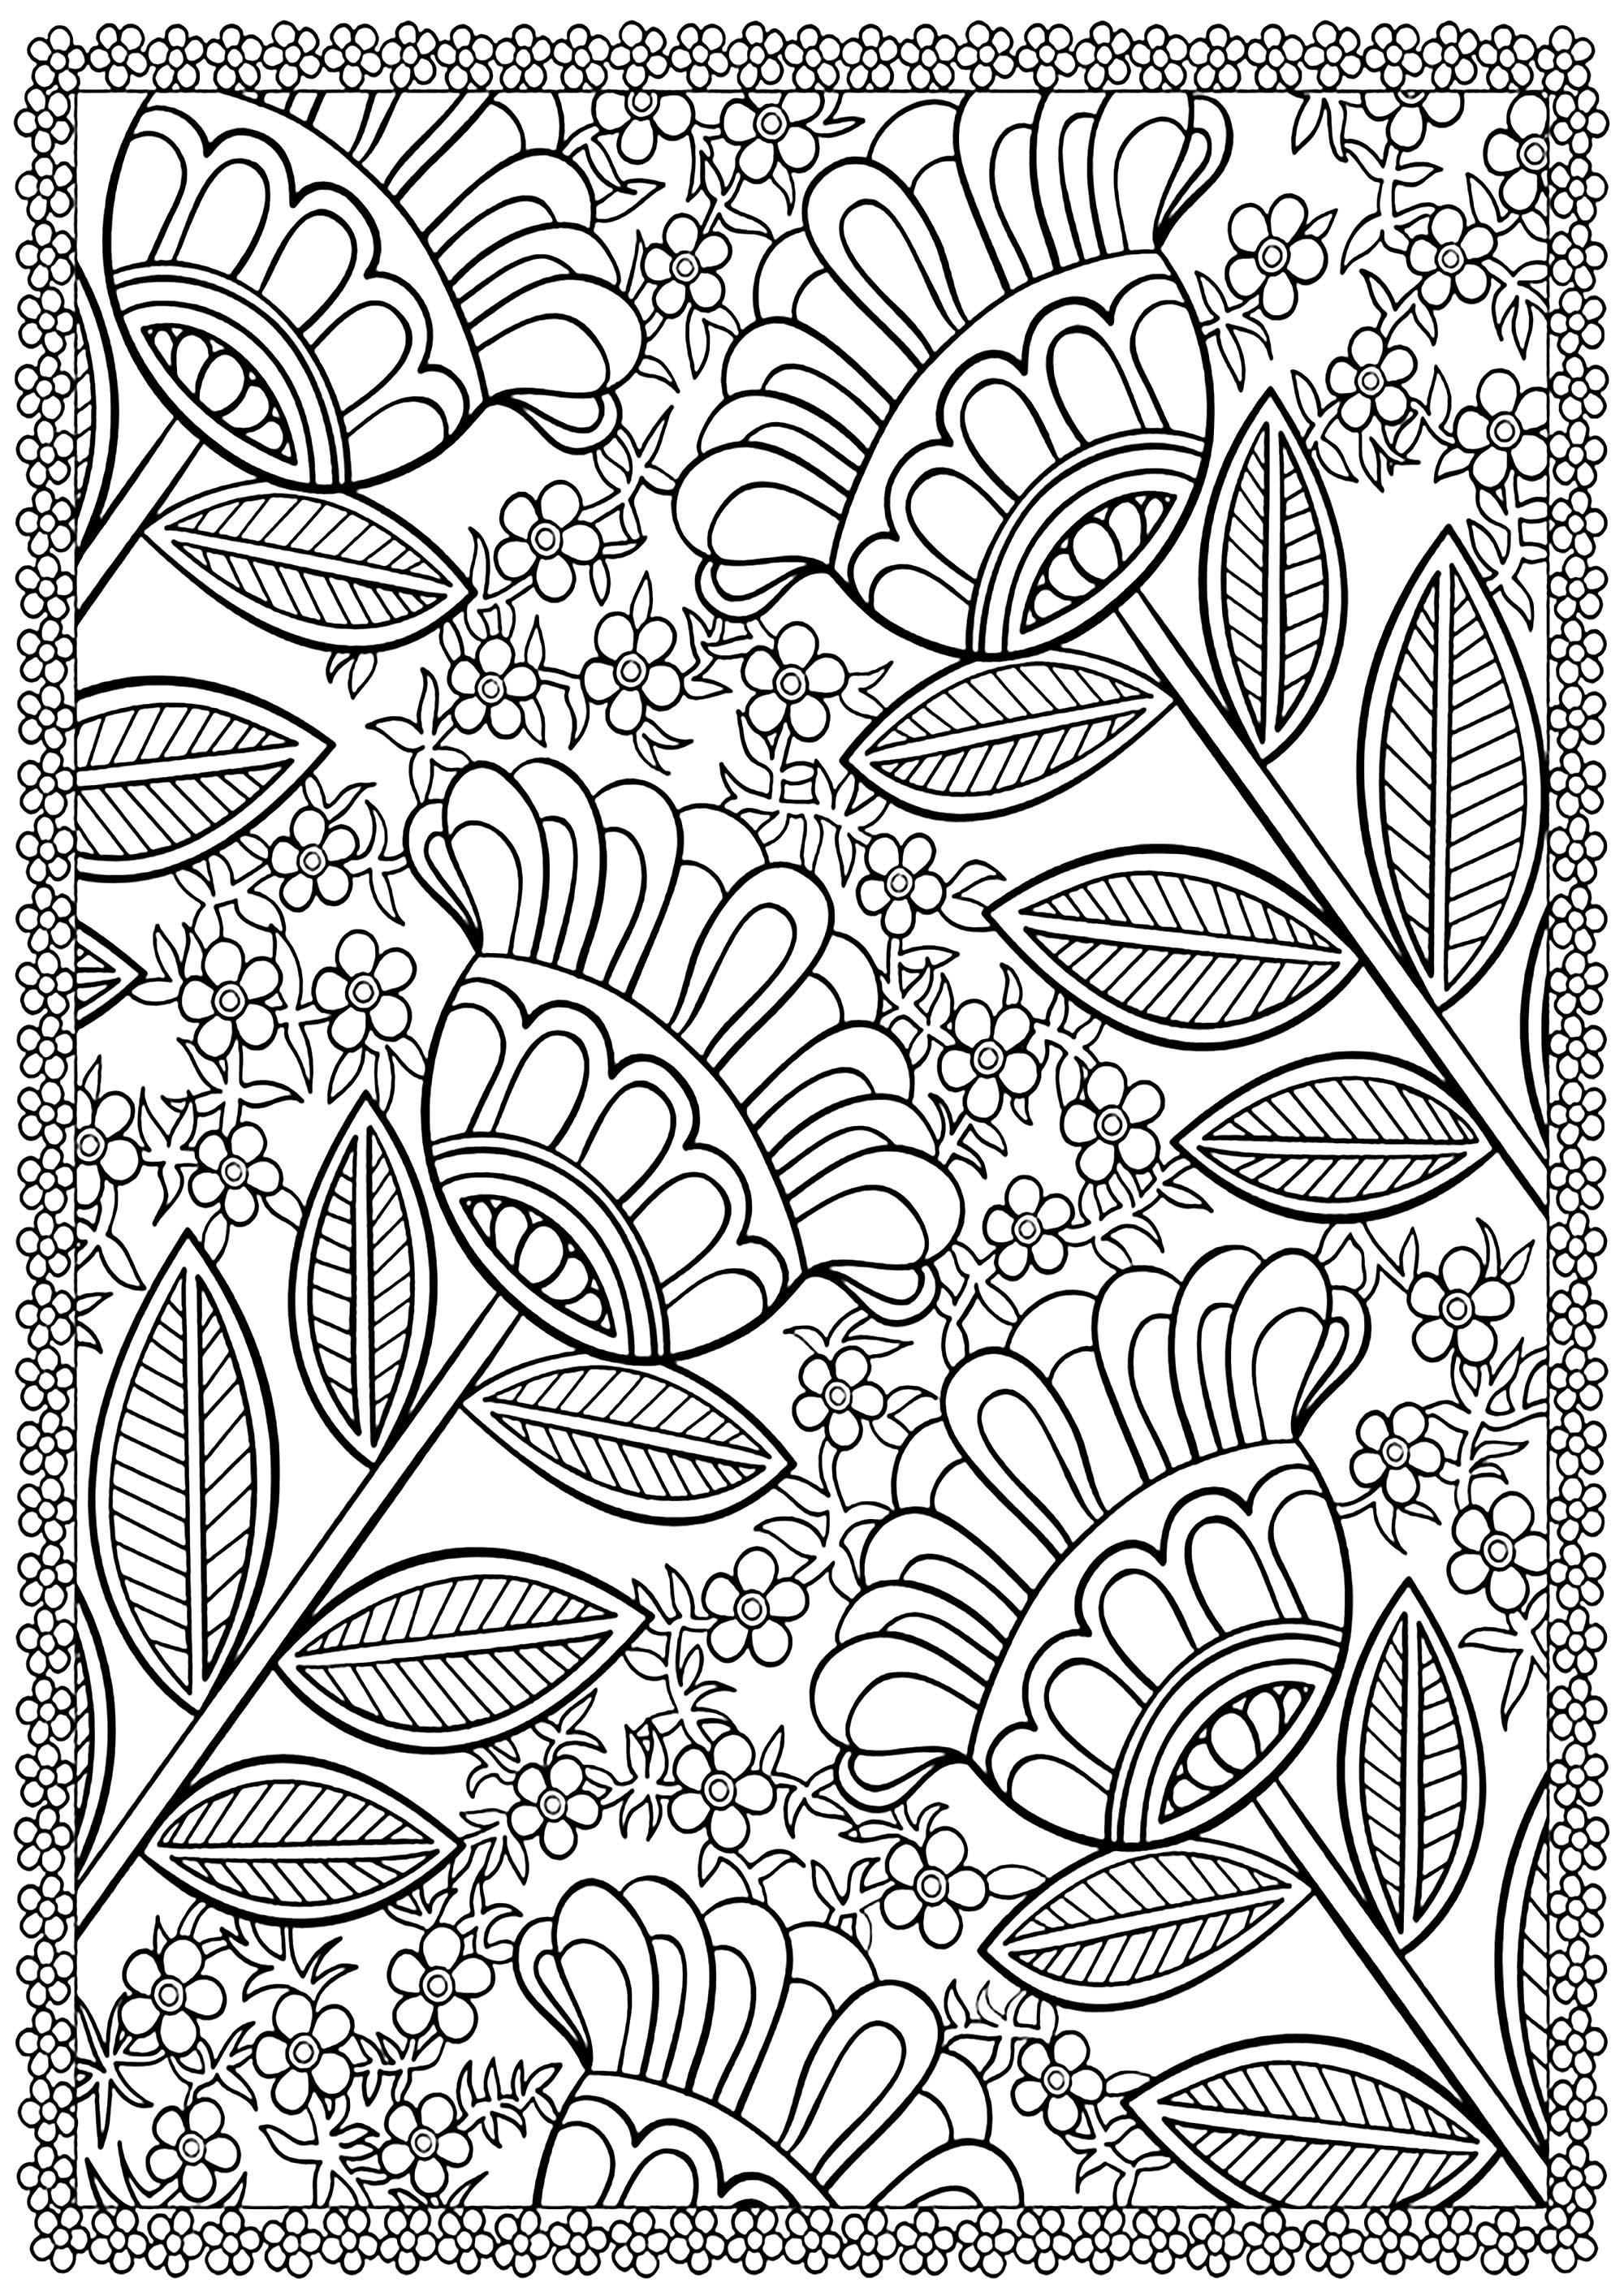 Colorez ces quatre grandes fleurs entourées de petites, avec une belle bordure fleurie